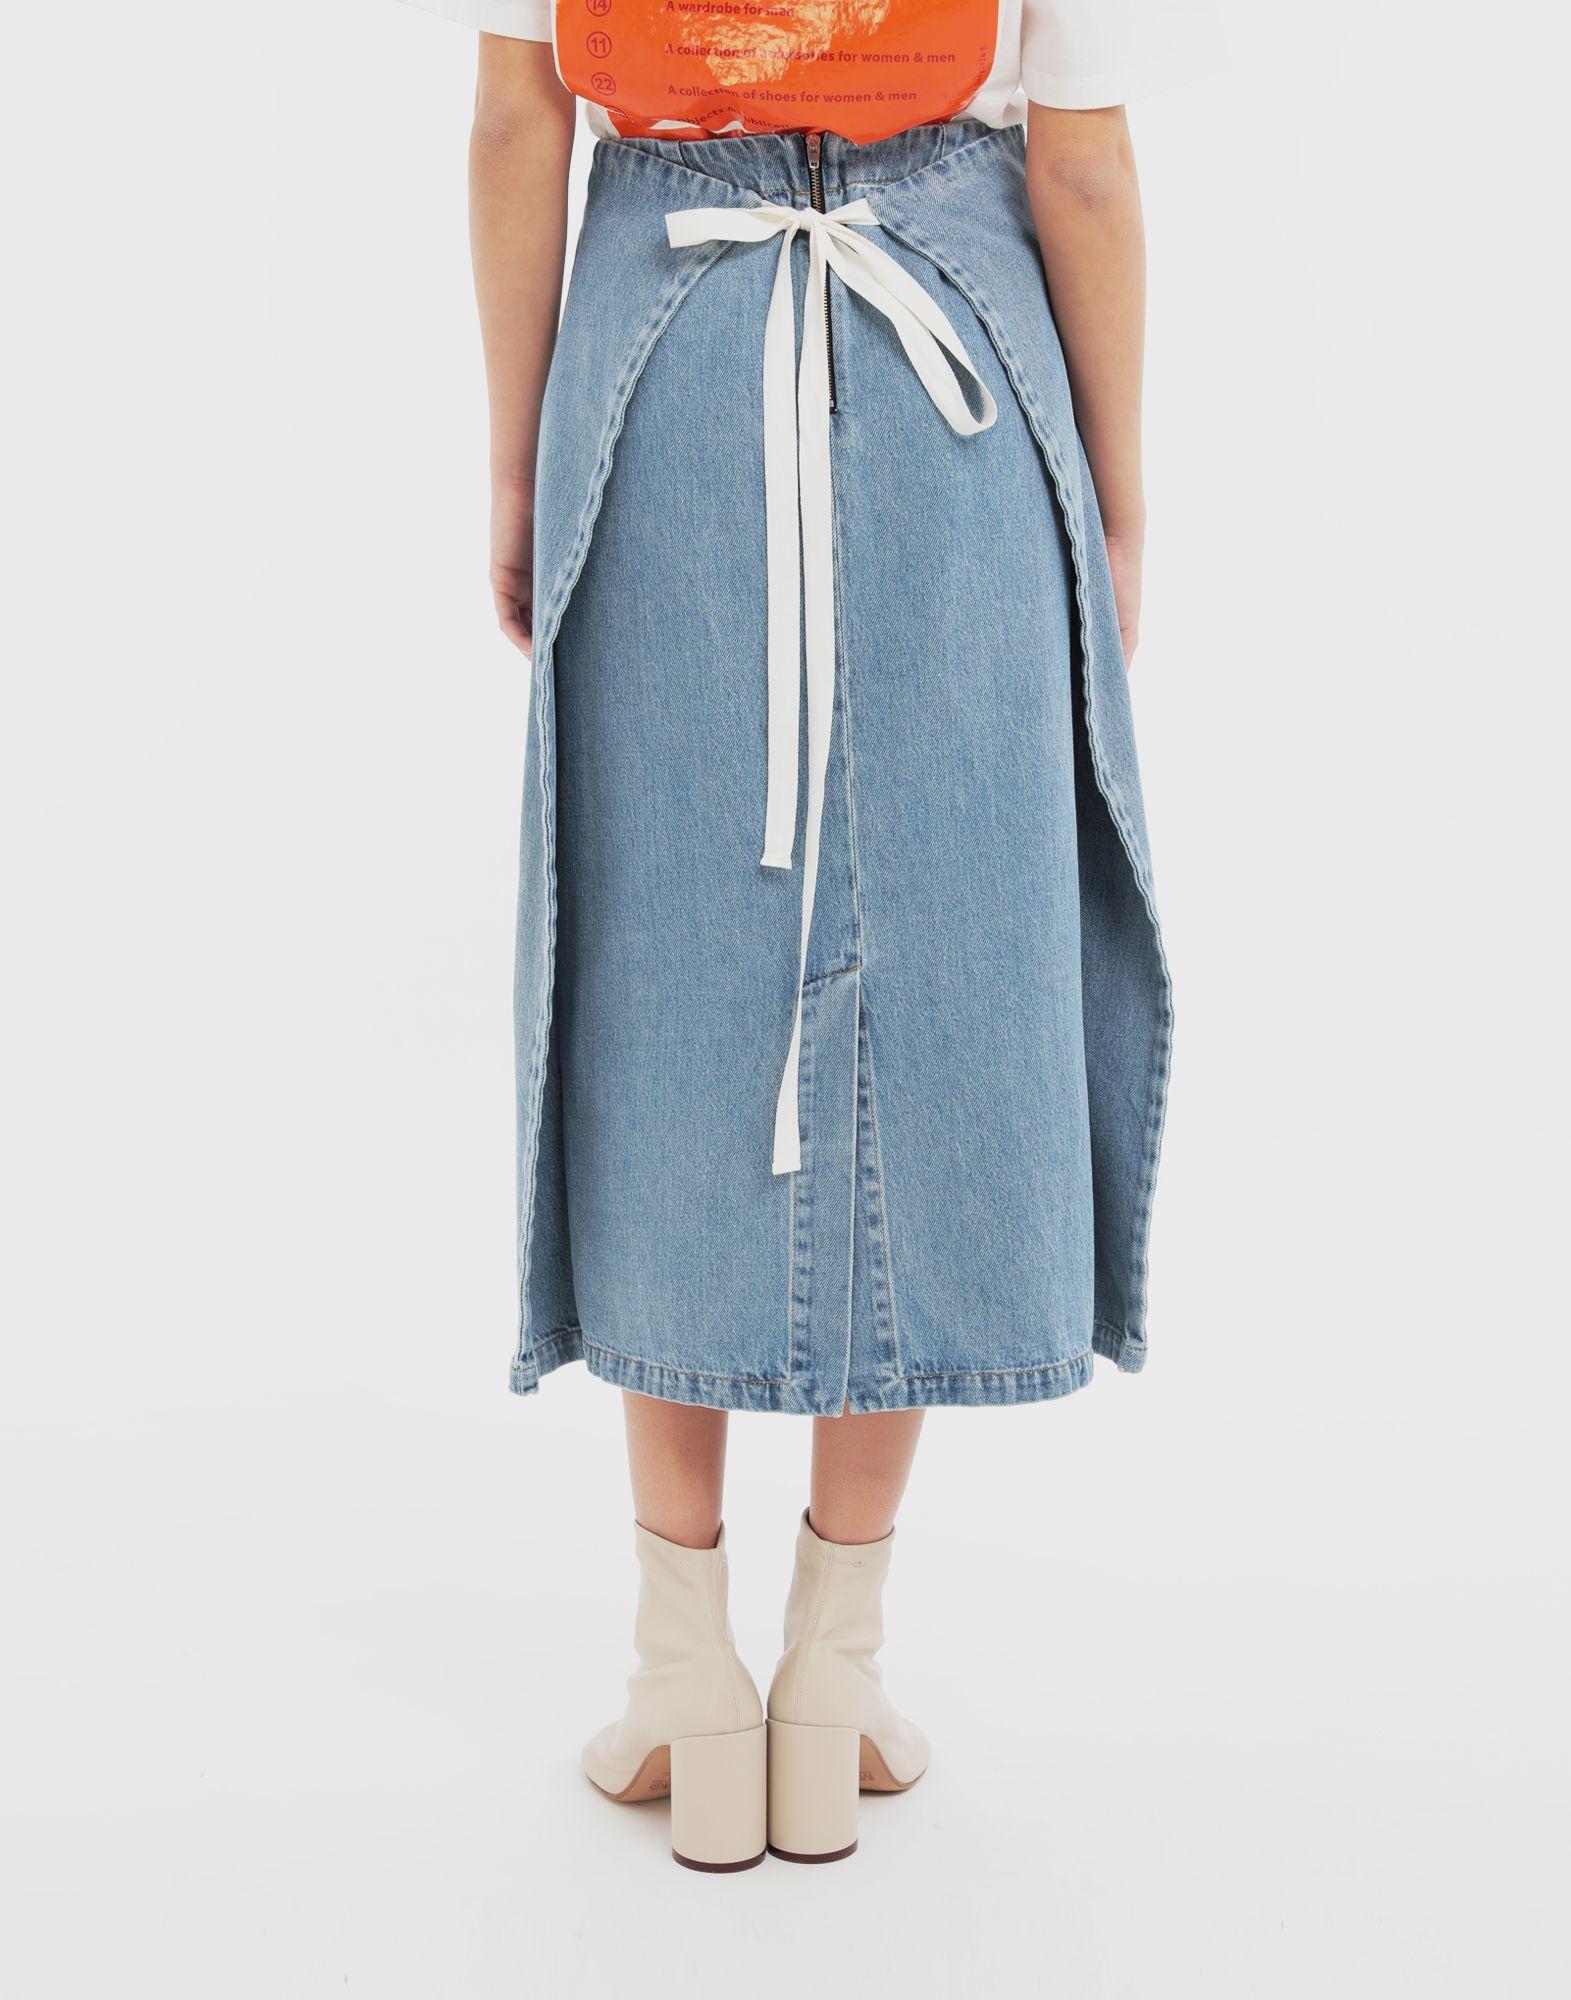 MM6 MAISON MARGIELA Юбка 2 в 1 Джинсовая юбка Для Женщин e